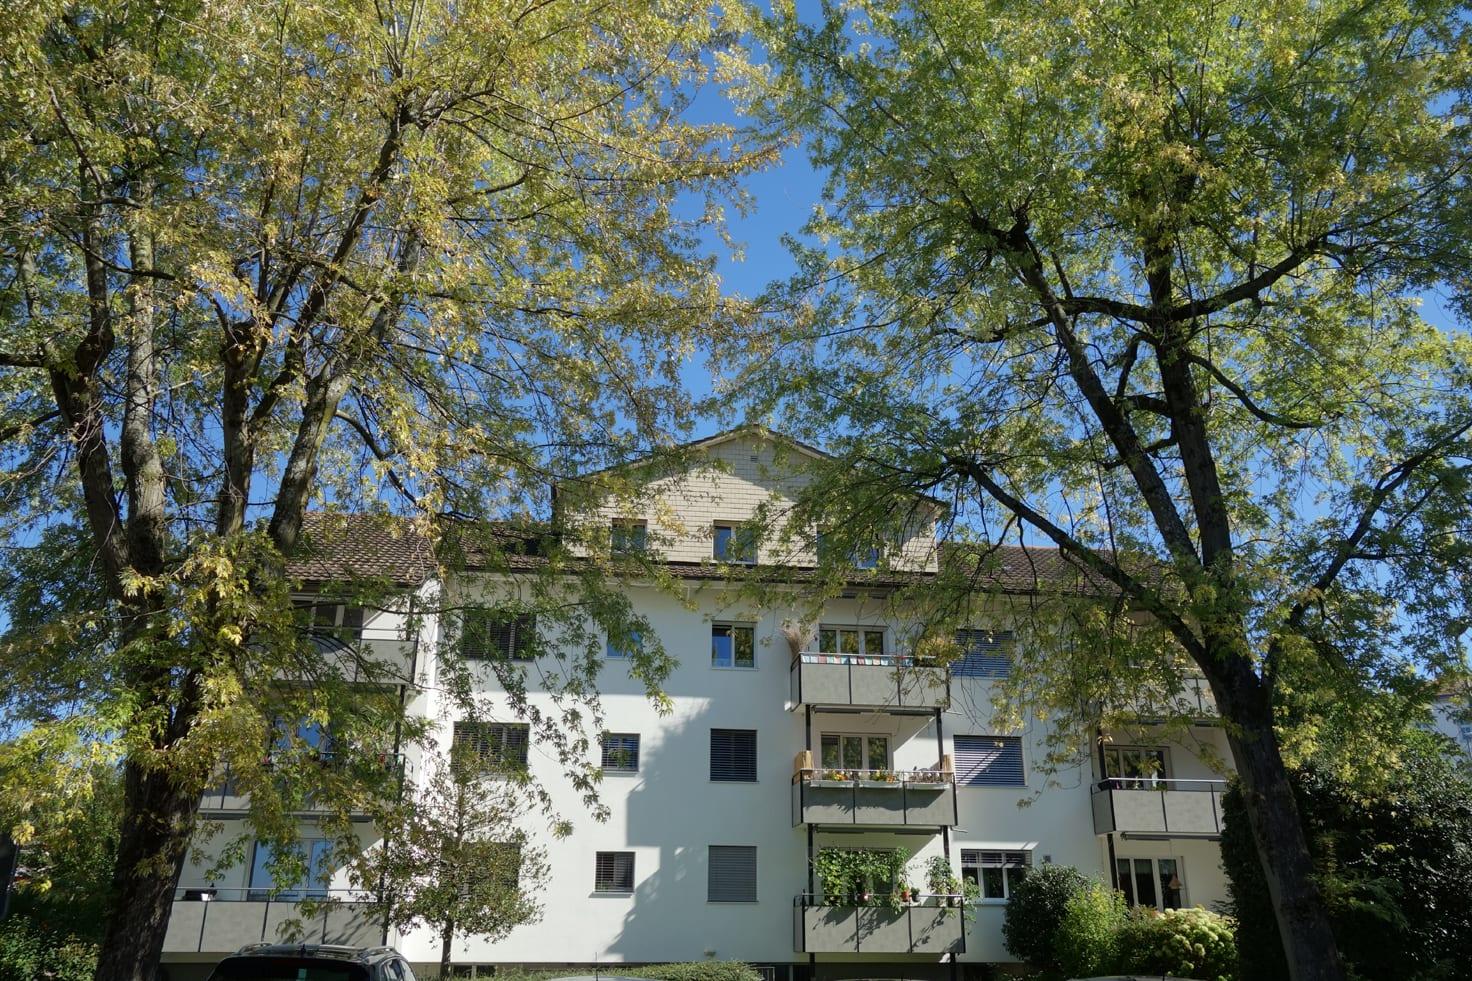 Chapfwiesenstrasse 2